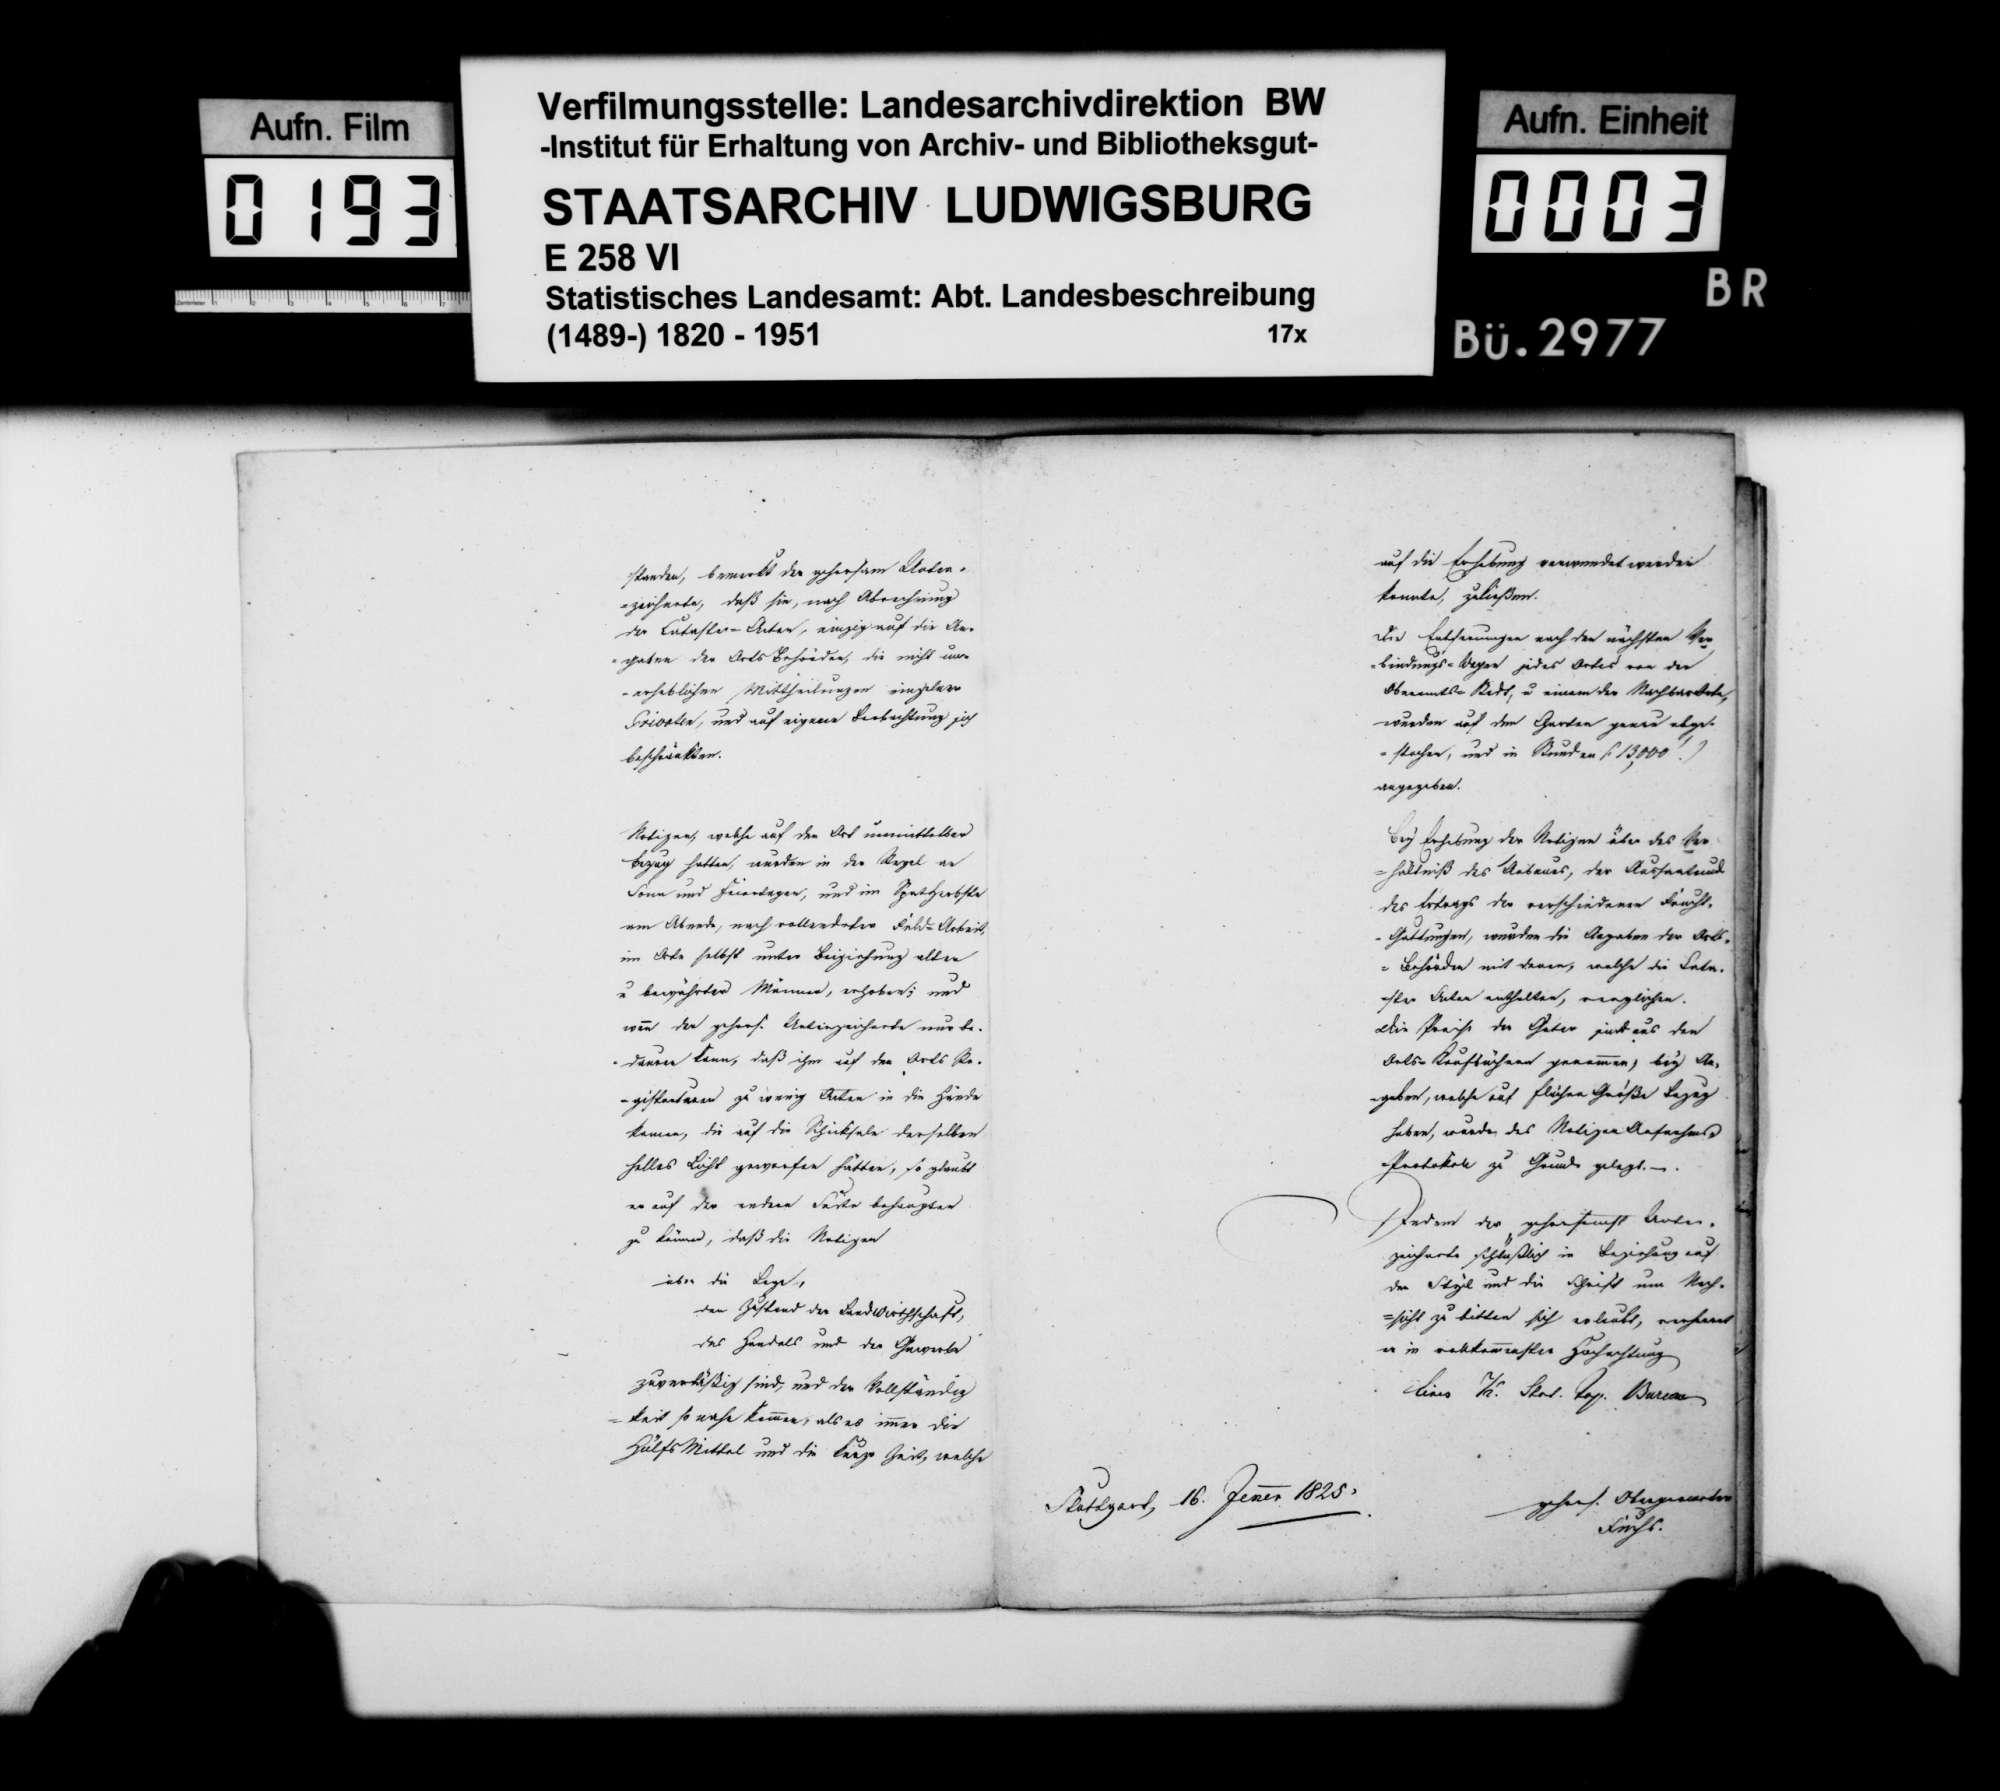 Ortsbeschreibung von 1. Raidwangen, 2. Oberensingen, 3. Hardt, 4. Zizishausen, 5. Oberboihingen, 6. Tachenhausen, 7. Reudern, 8. Frickenhausen, 9. Großbettlingen, 10. Grafenberg, 11. Altdorf, 12. Neckarhausen, 13. Wolfschlugen, [14.] Grötzingen, durch Obergeometer Fuchs, nach dem Fragenkatalog des STBs (wie folgend bei Aich), Bild 2